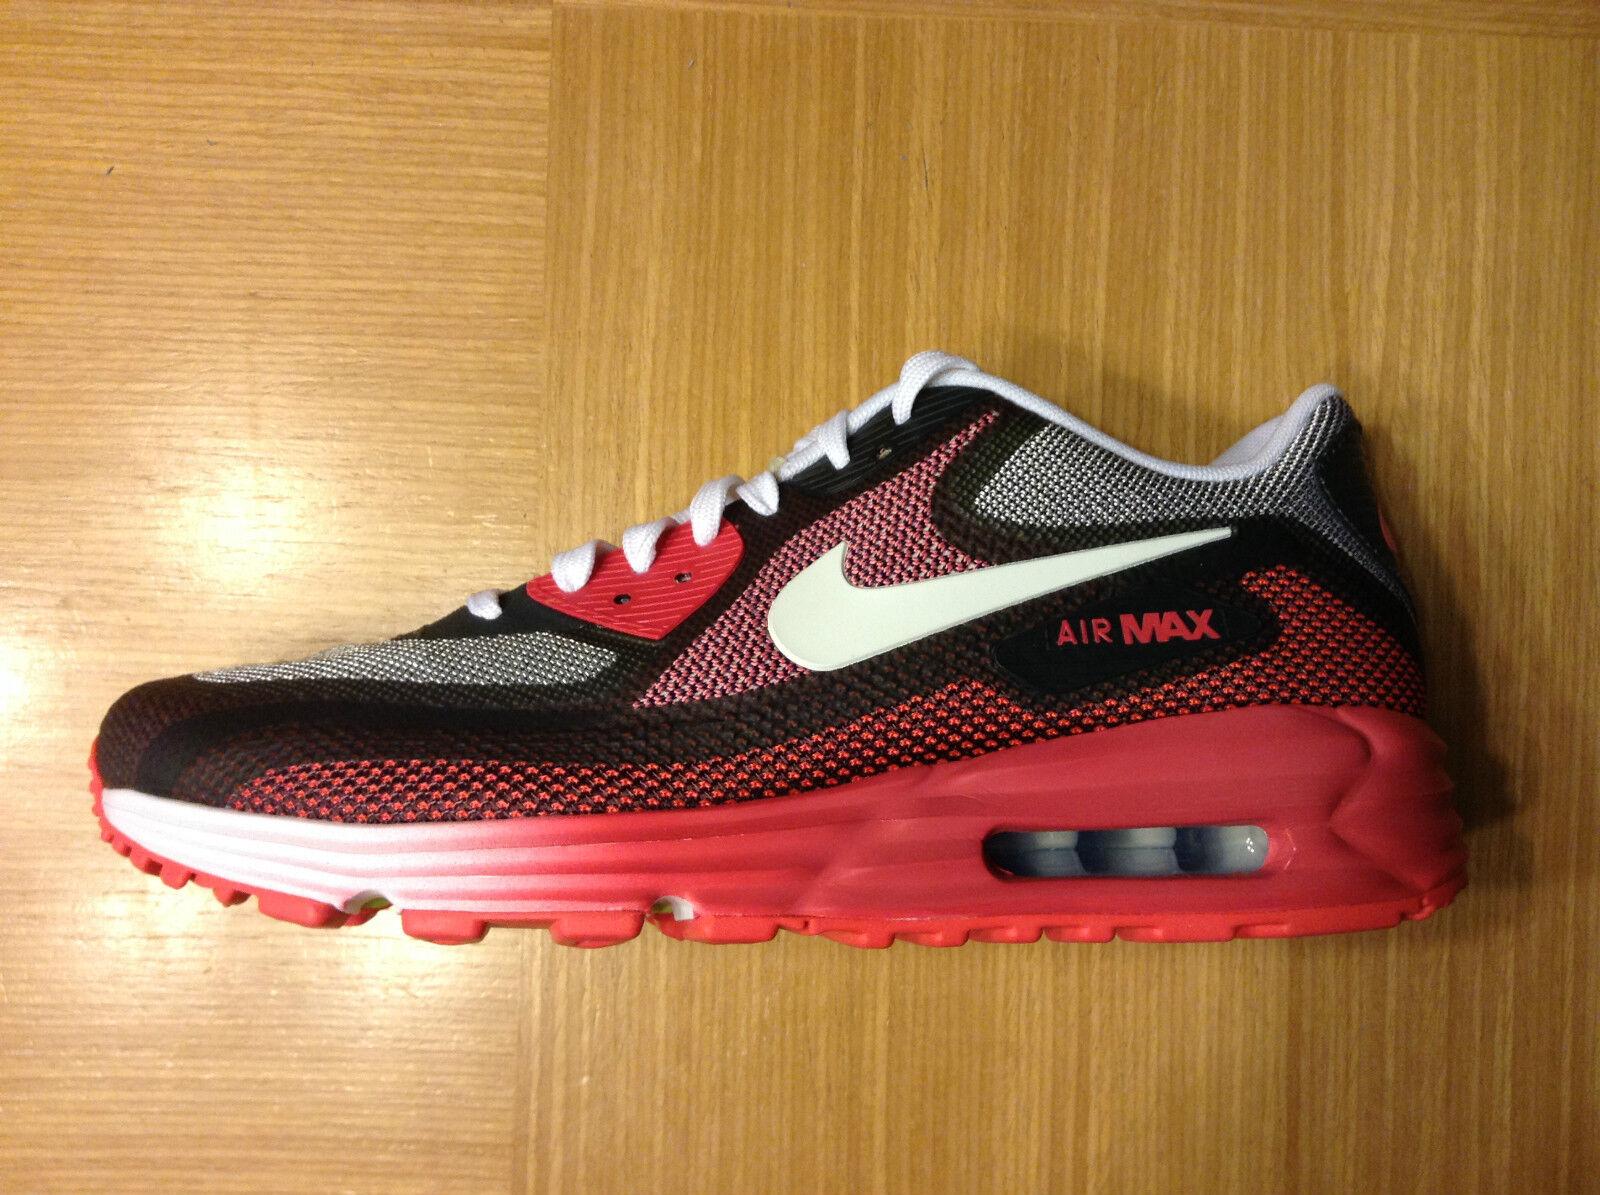 Wmns Wmns Wmns Nike Air Max Lunar 90 C3.0 Zapatillas-Geranio blancoo gris Volt-UK 3.5-7 - Nuevo  tienda de venta